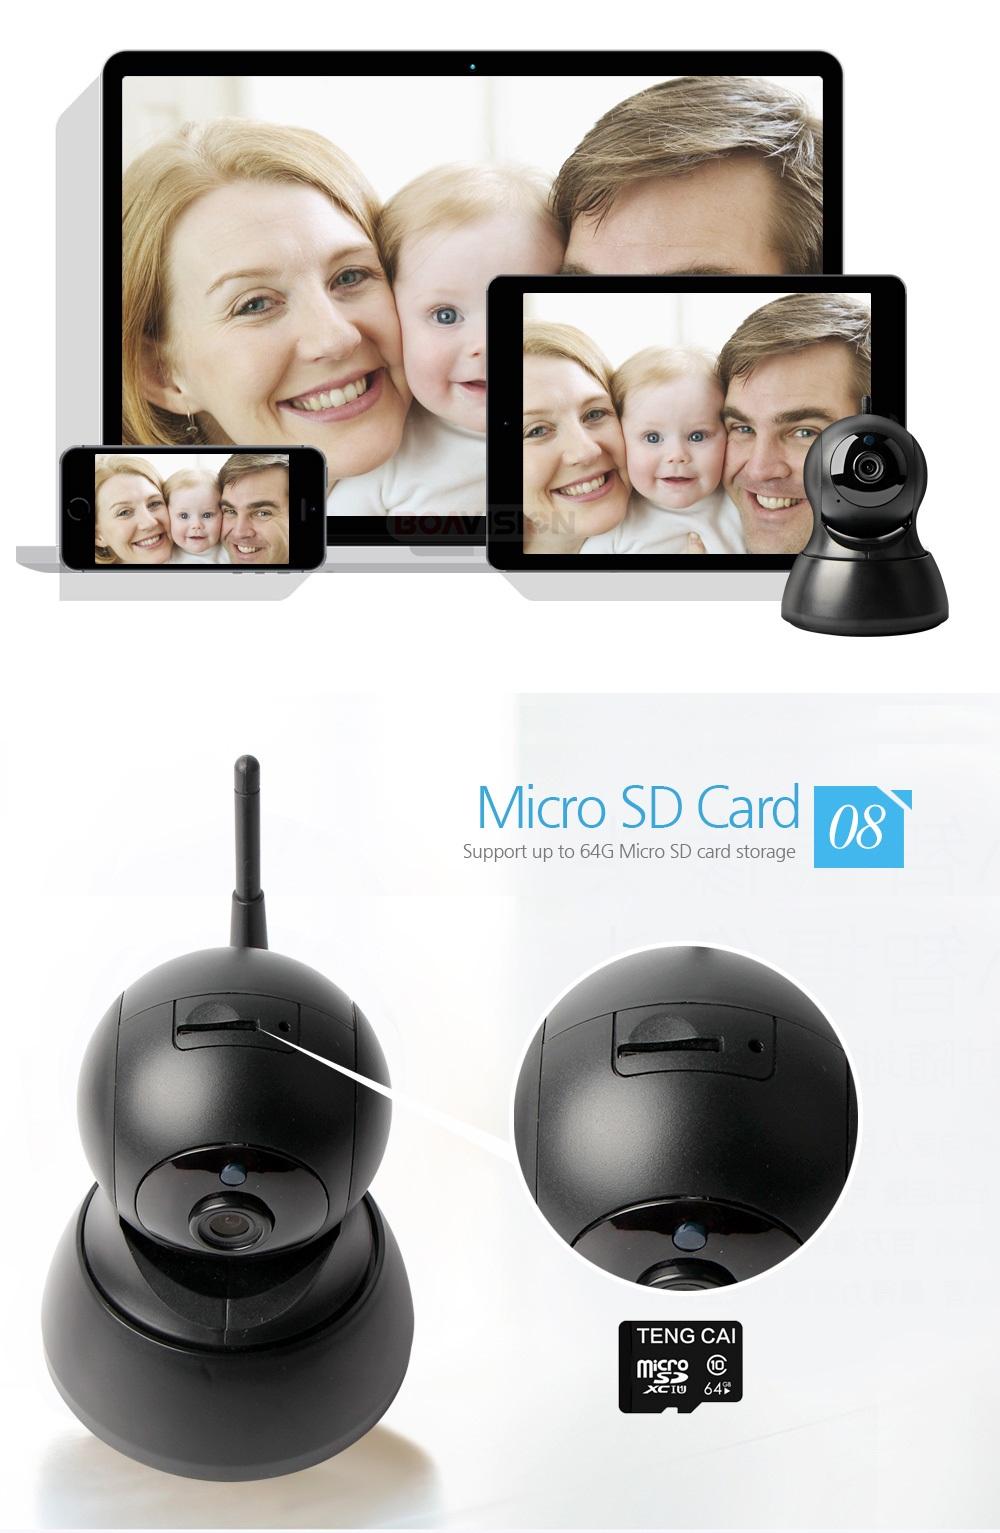 720 р и IP камера беспроводной PTZ-камеры безопасности нет доказательства ич двухстороннее аудио um widows наблюдения беспроводной IP для камера для P2P облако приложение icsee